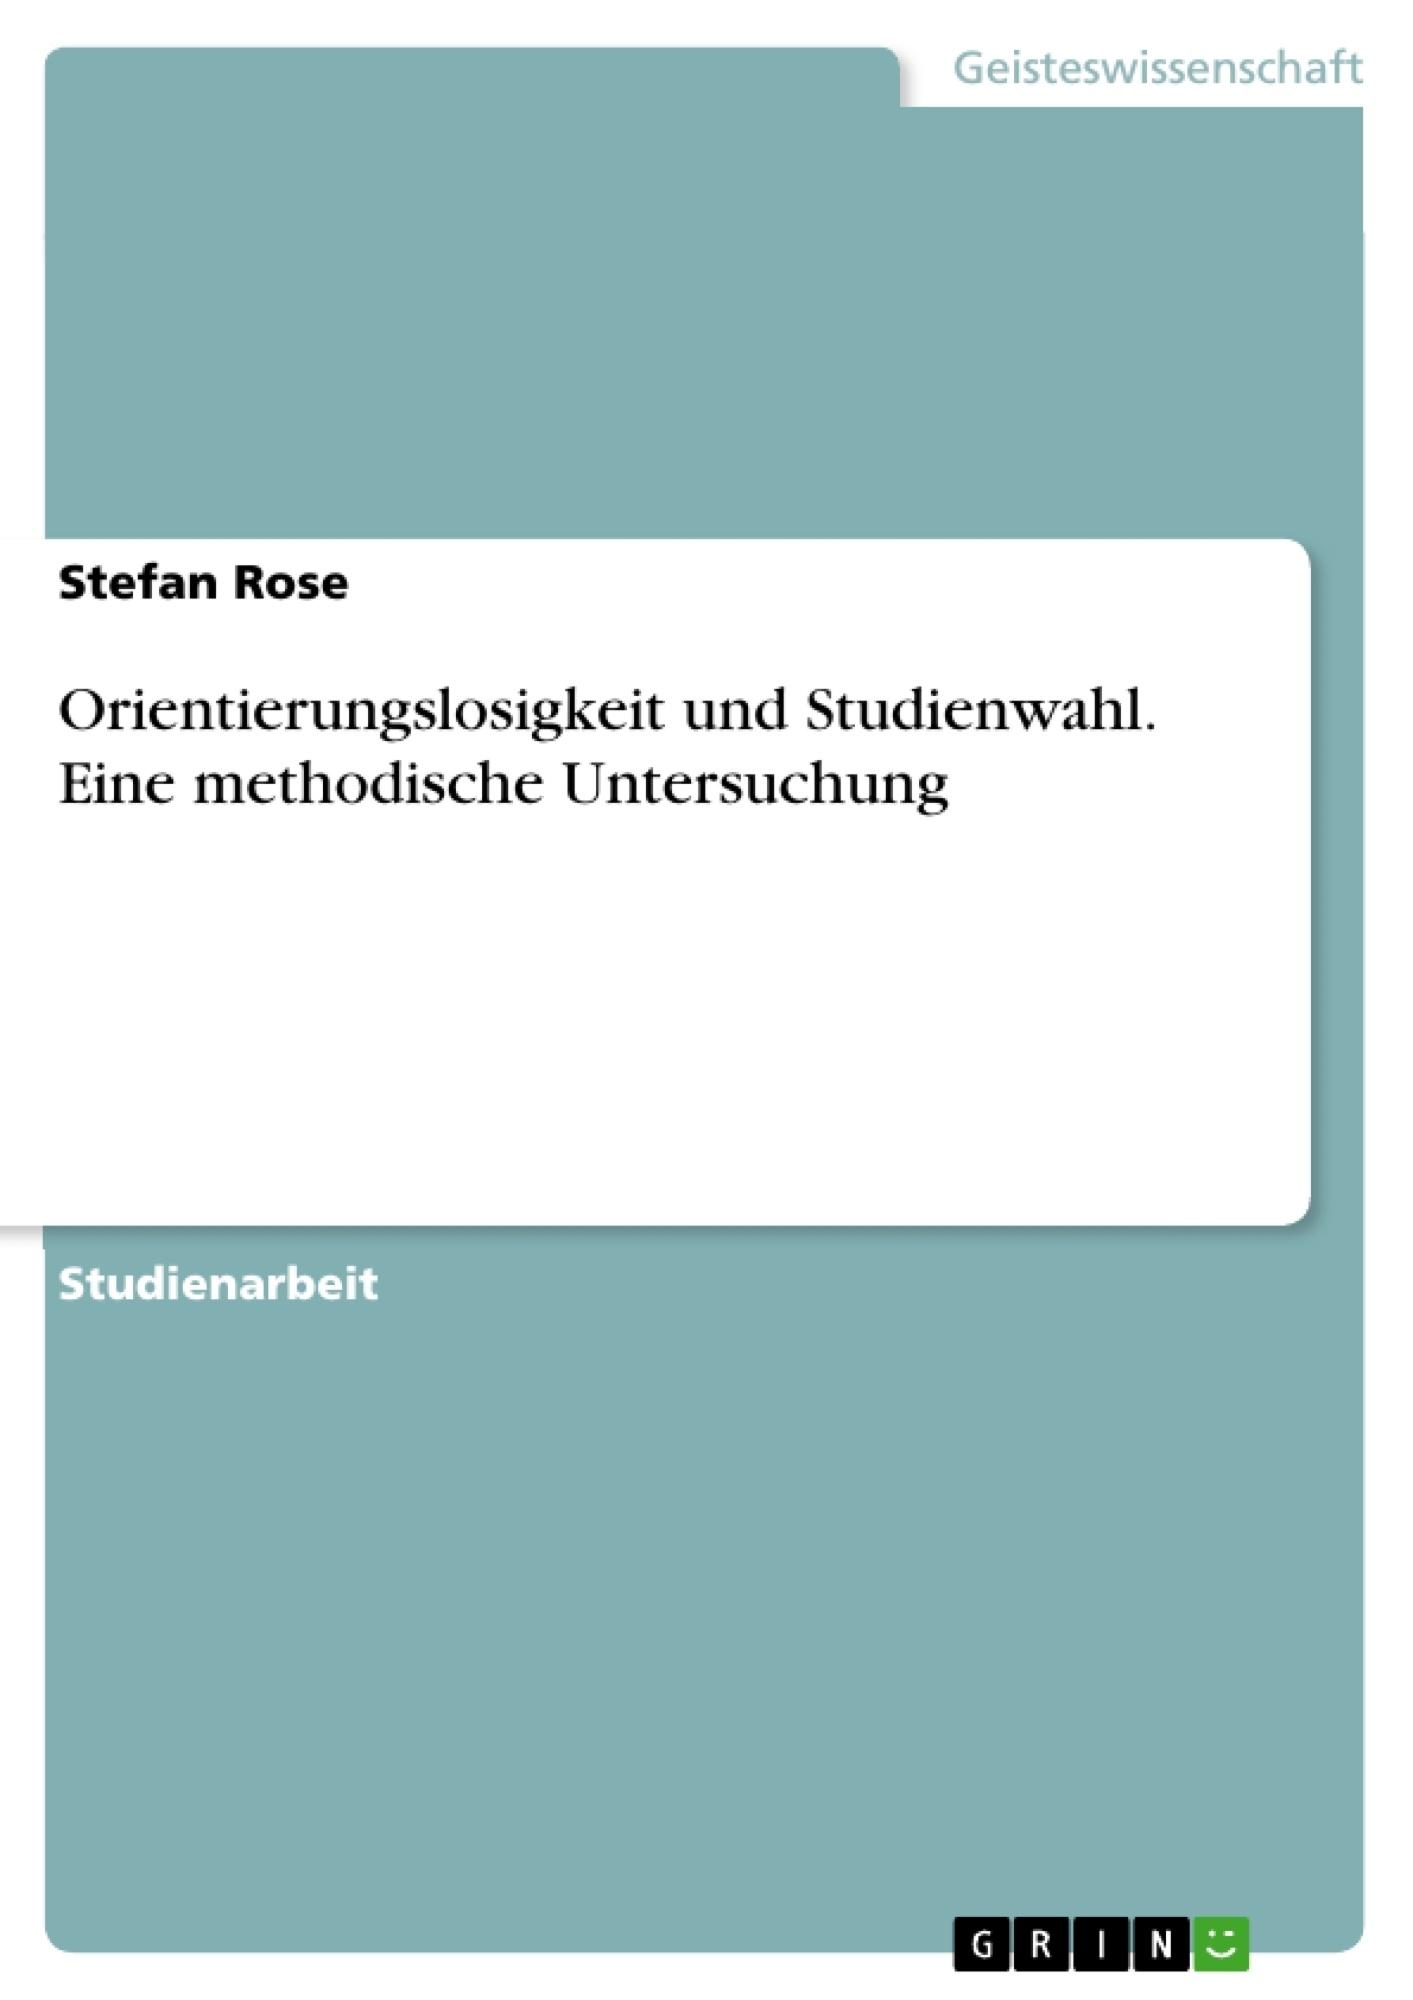 Titel: Orientierungslosigkeit und Studienwahl. Eine methodische Untersuchung